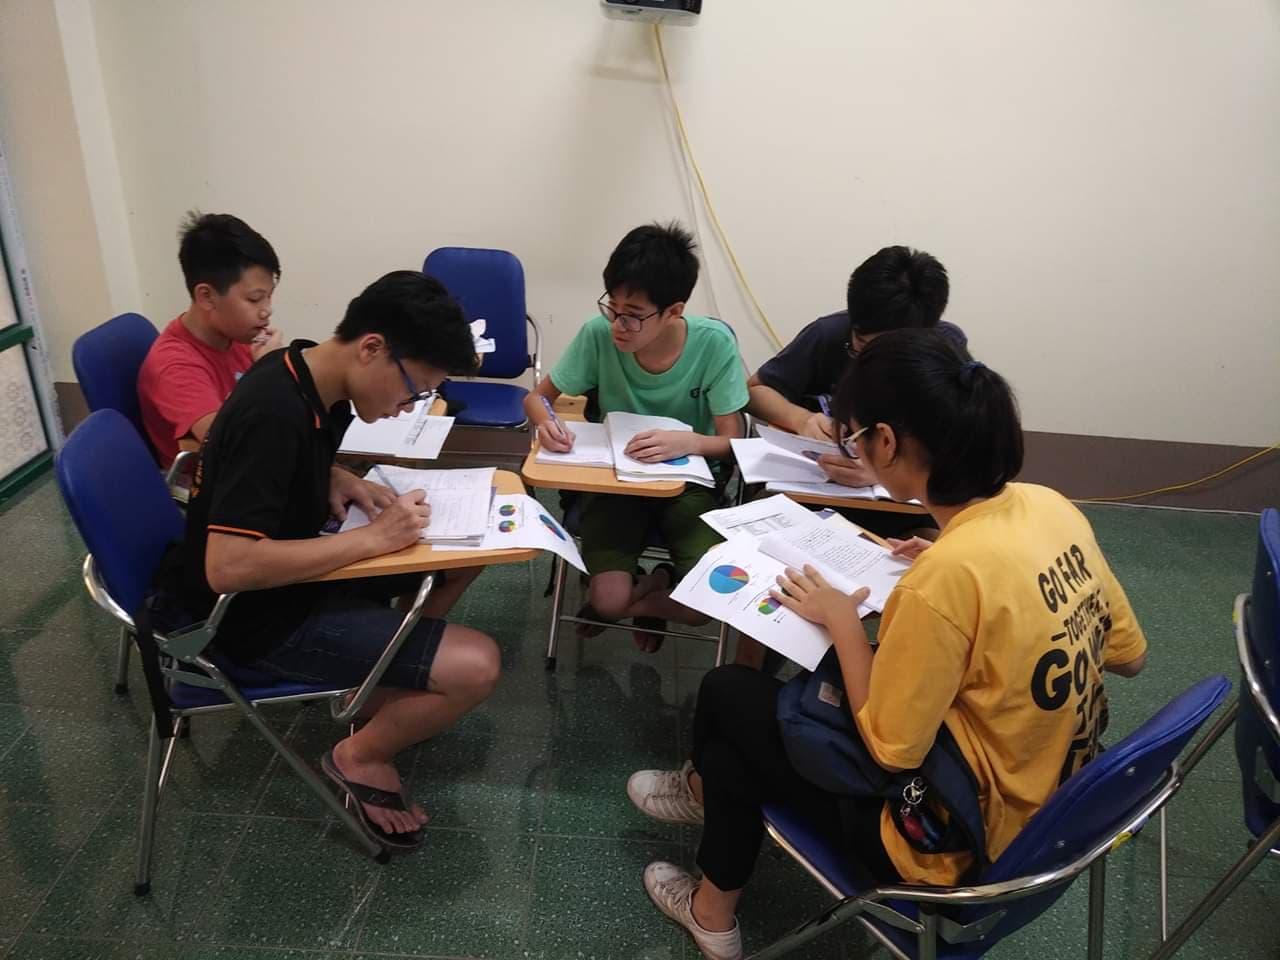 Trung tâm FLIC trường Đại học Công nghiệp Quảng Ninh tổ chức dạy tiếng Anh miễn phí cho thiếu nhi trong dịp hè